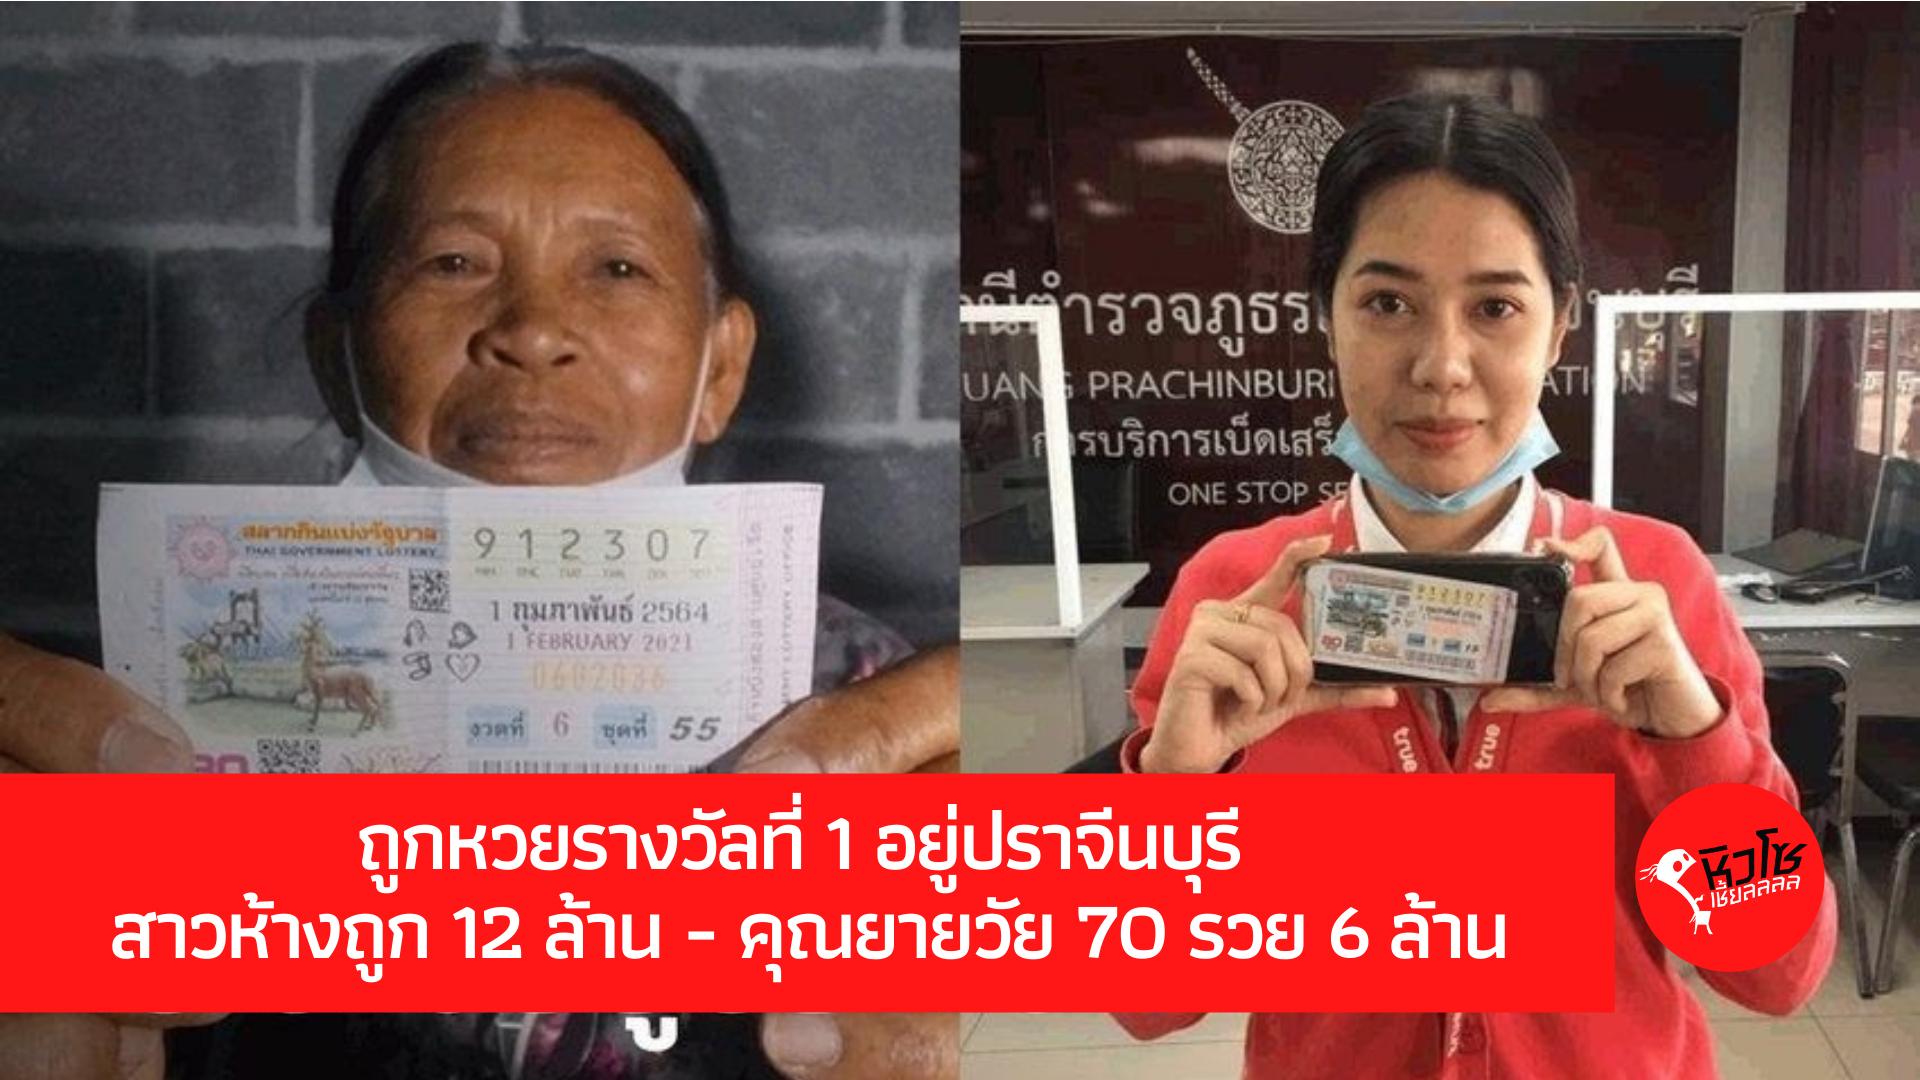 ถูกหวยรางวัลที่ 1 อยู่ปราจีนบุรี สาวห้างถูก 12 ล้าน คุณยายวัย 70 รวย 6 ล้าน